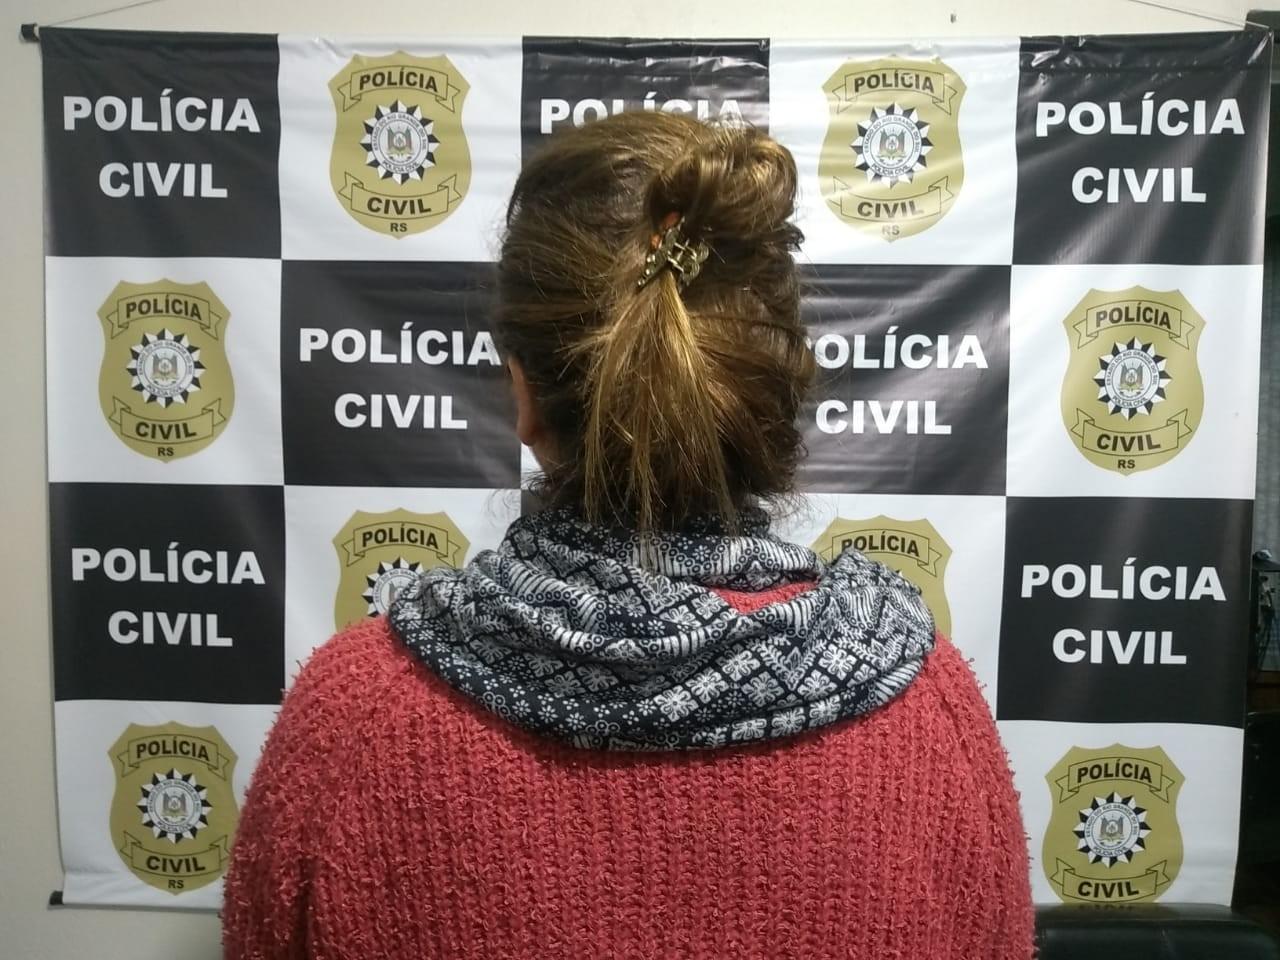 Mulher que relatou afogamento de empresário em Caçapava do Sul é presa por suspeita da morte - Notícias - Plantão Diário